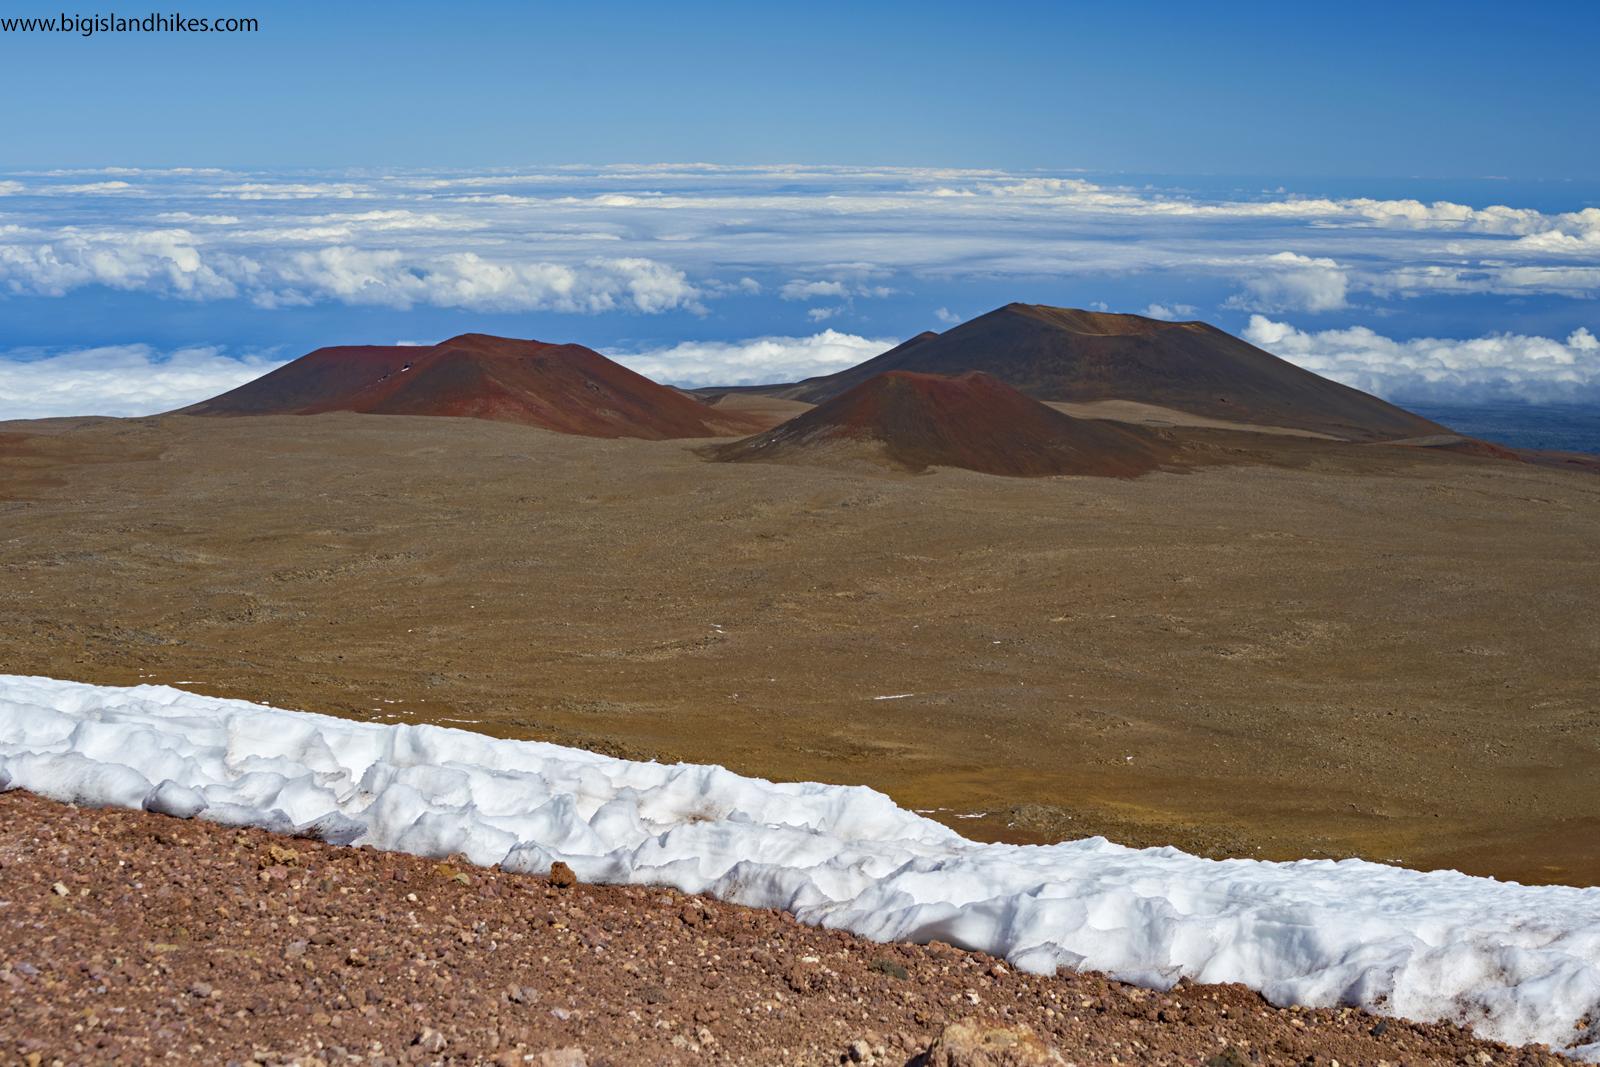 Mauna Kea Summit View